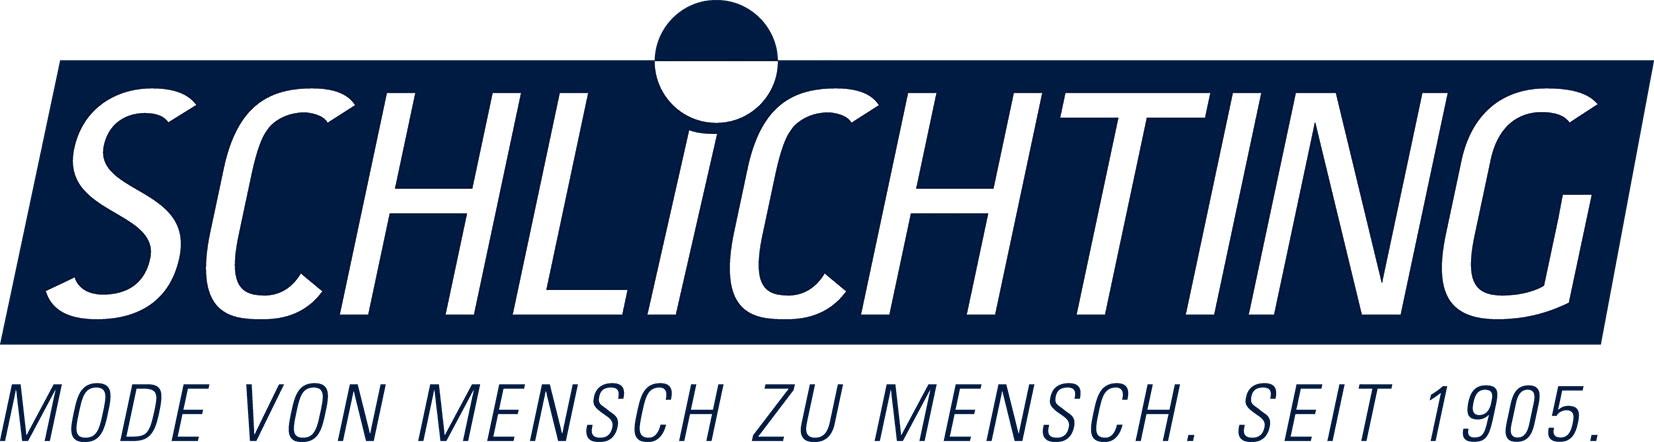 Schlichting - Mode von Mensch zu Mensch. Seit 1905.